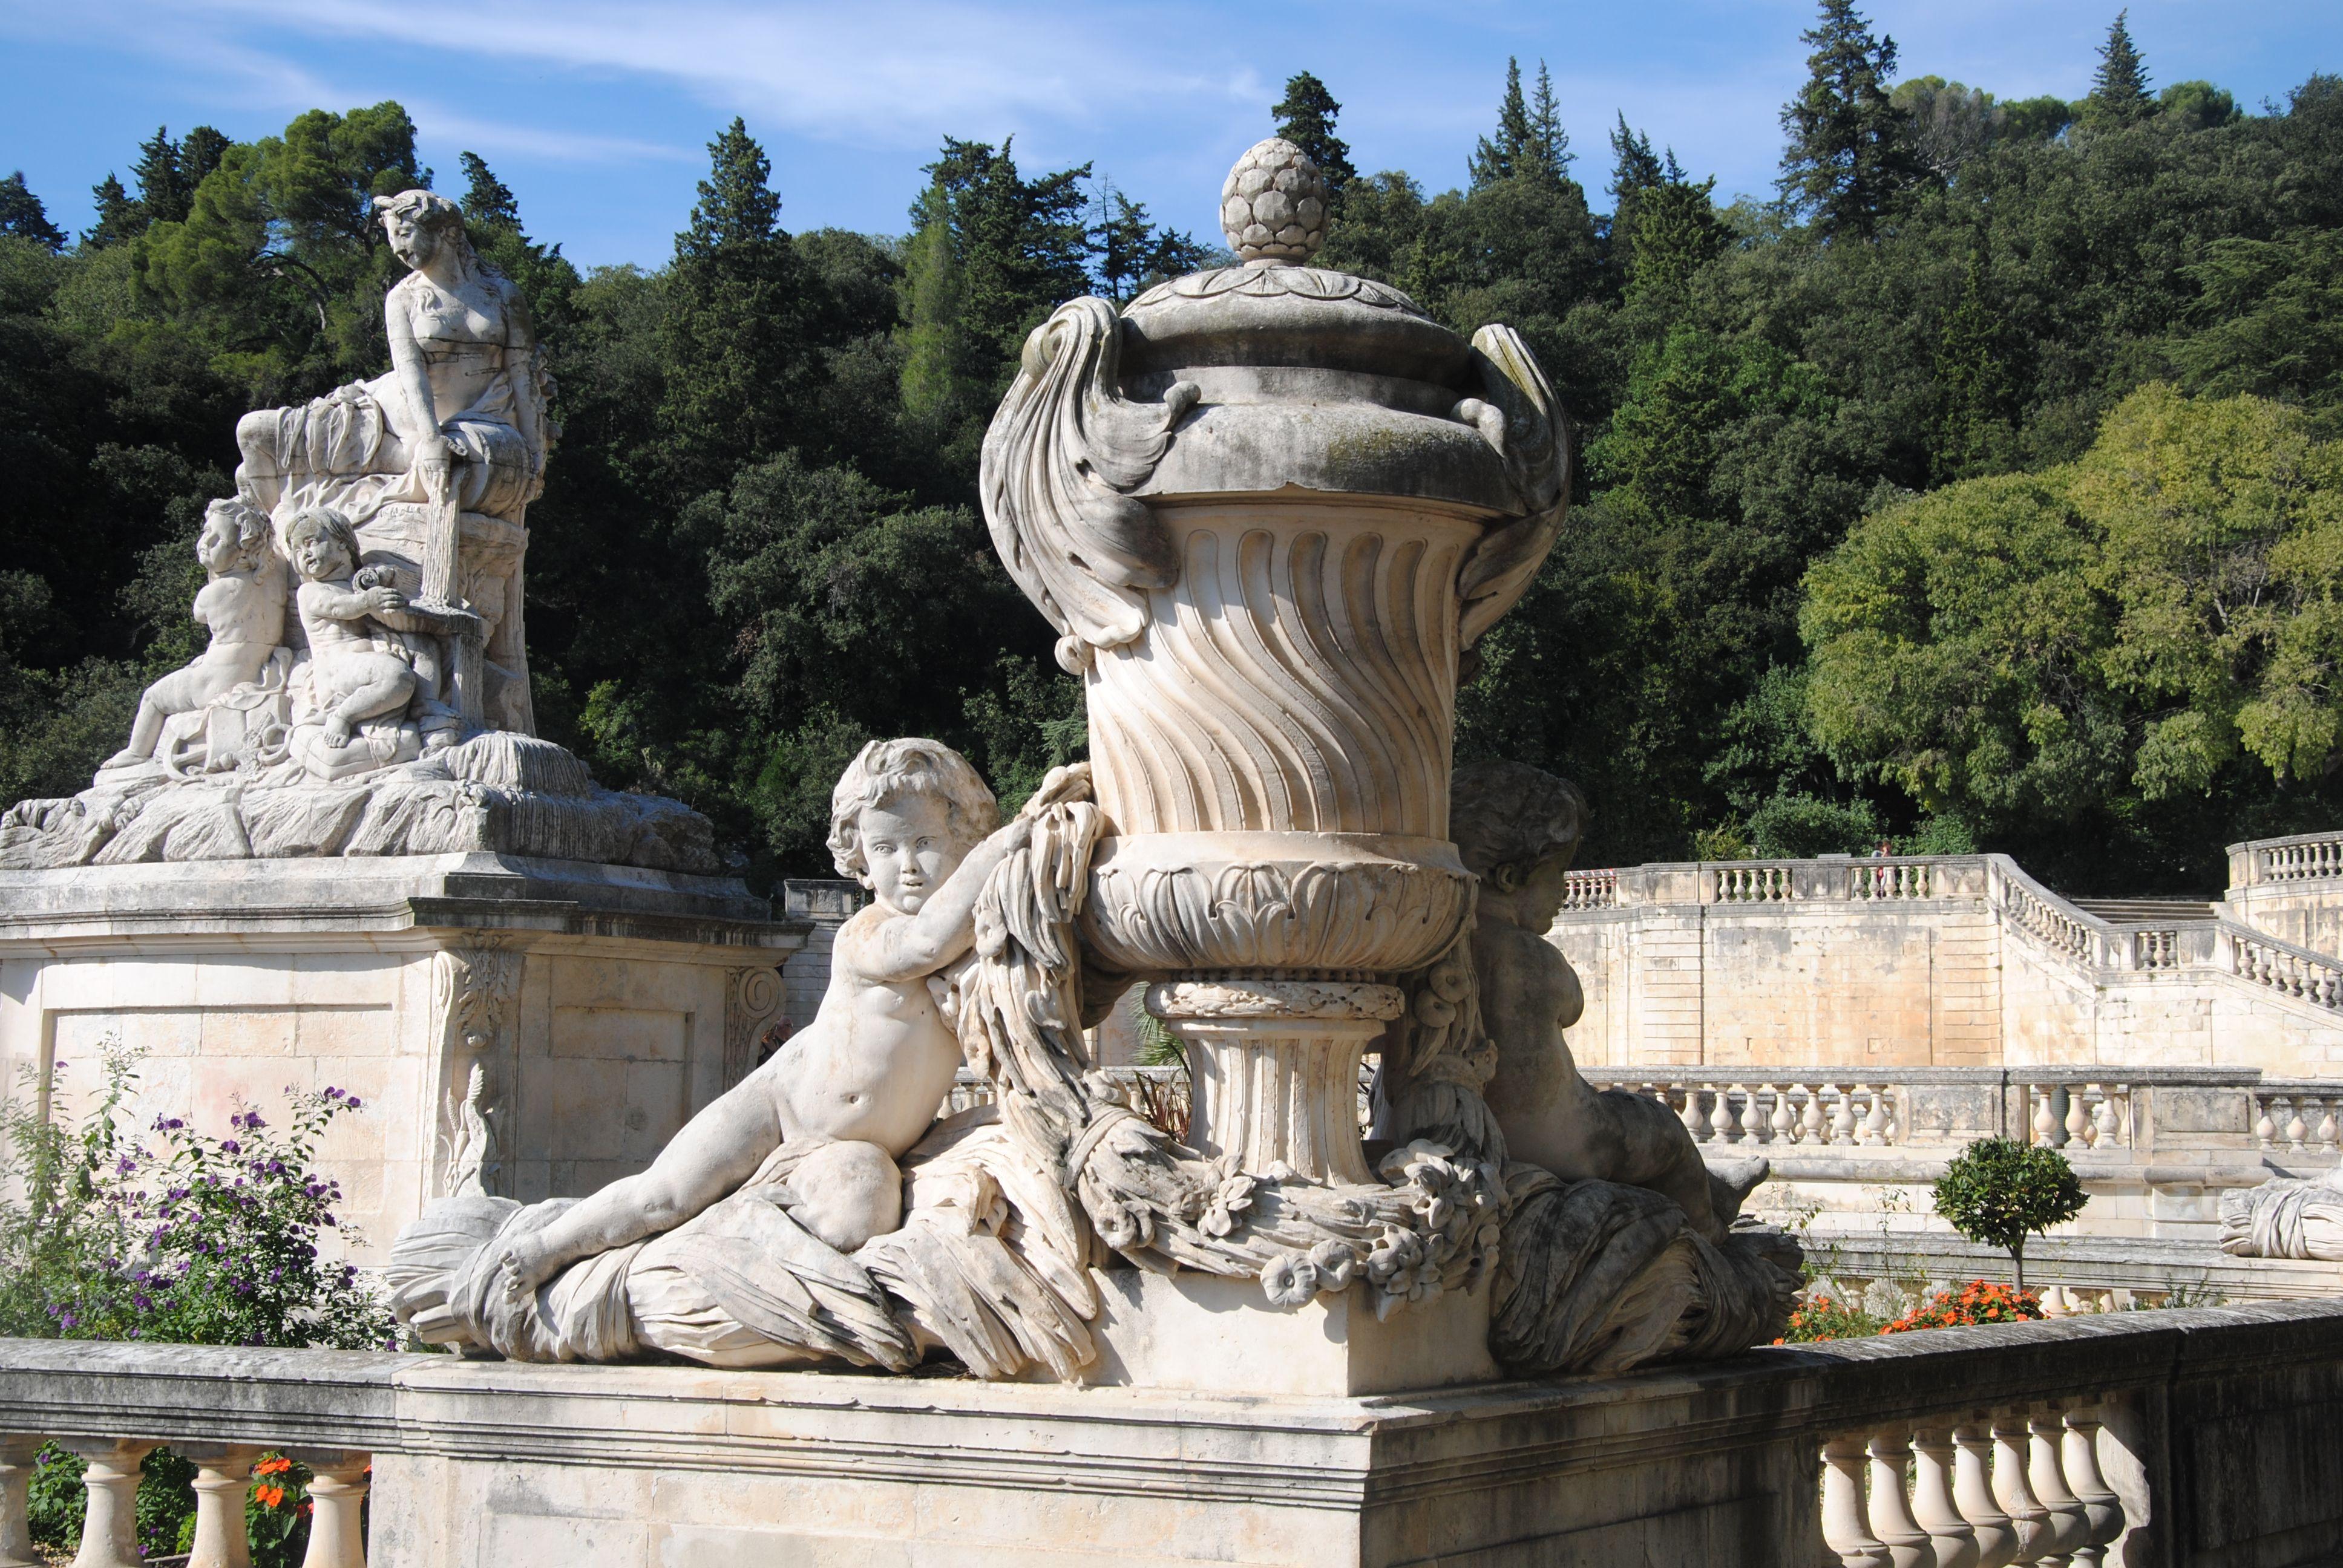 Accueil Nimes France Ville France Jardins De La Fontaine